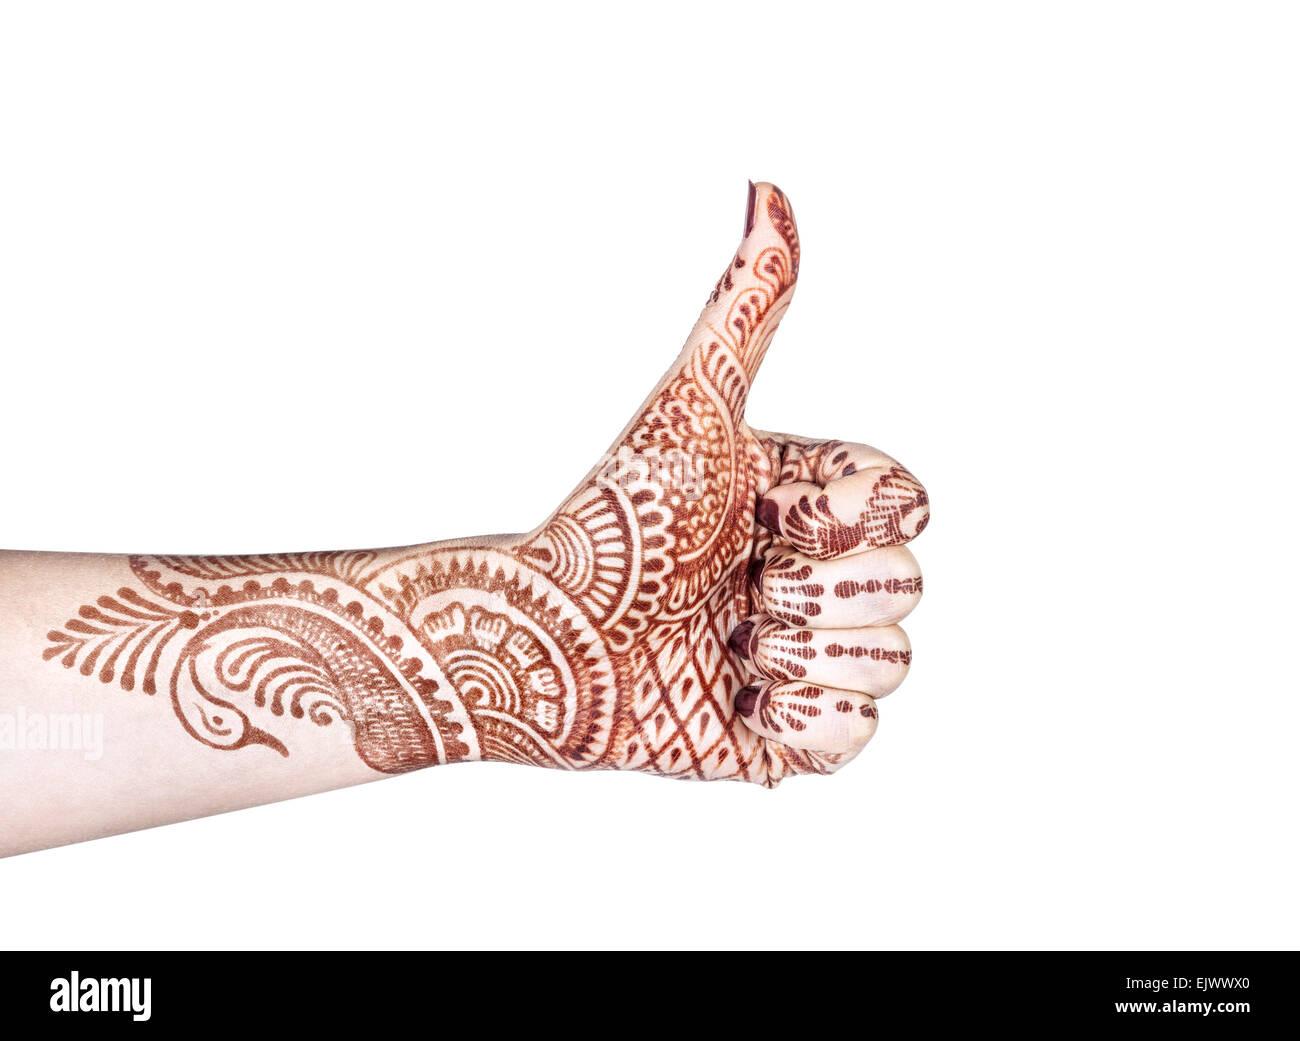 Donna con mano henna fare Merudanda mudra isolato su sfondo bianco con il ritaglio Immagini Stock